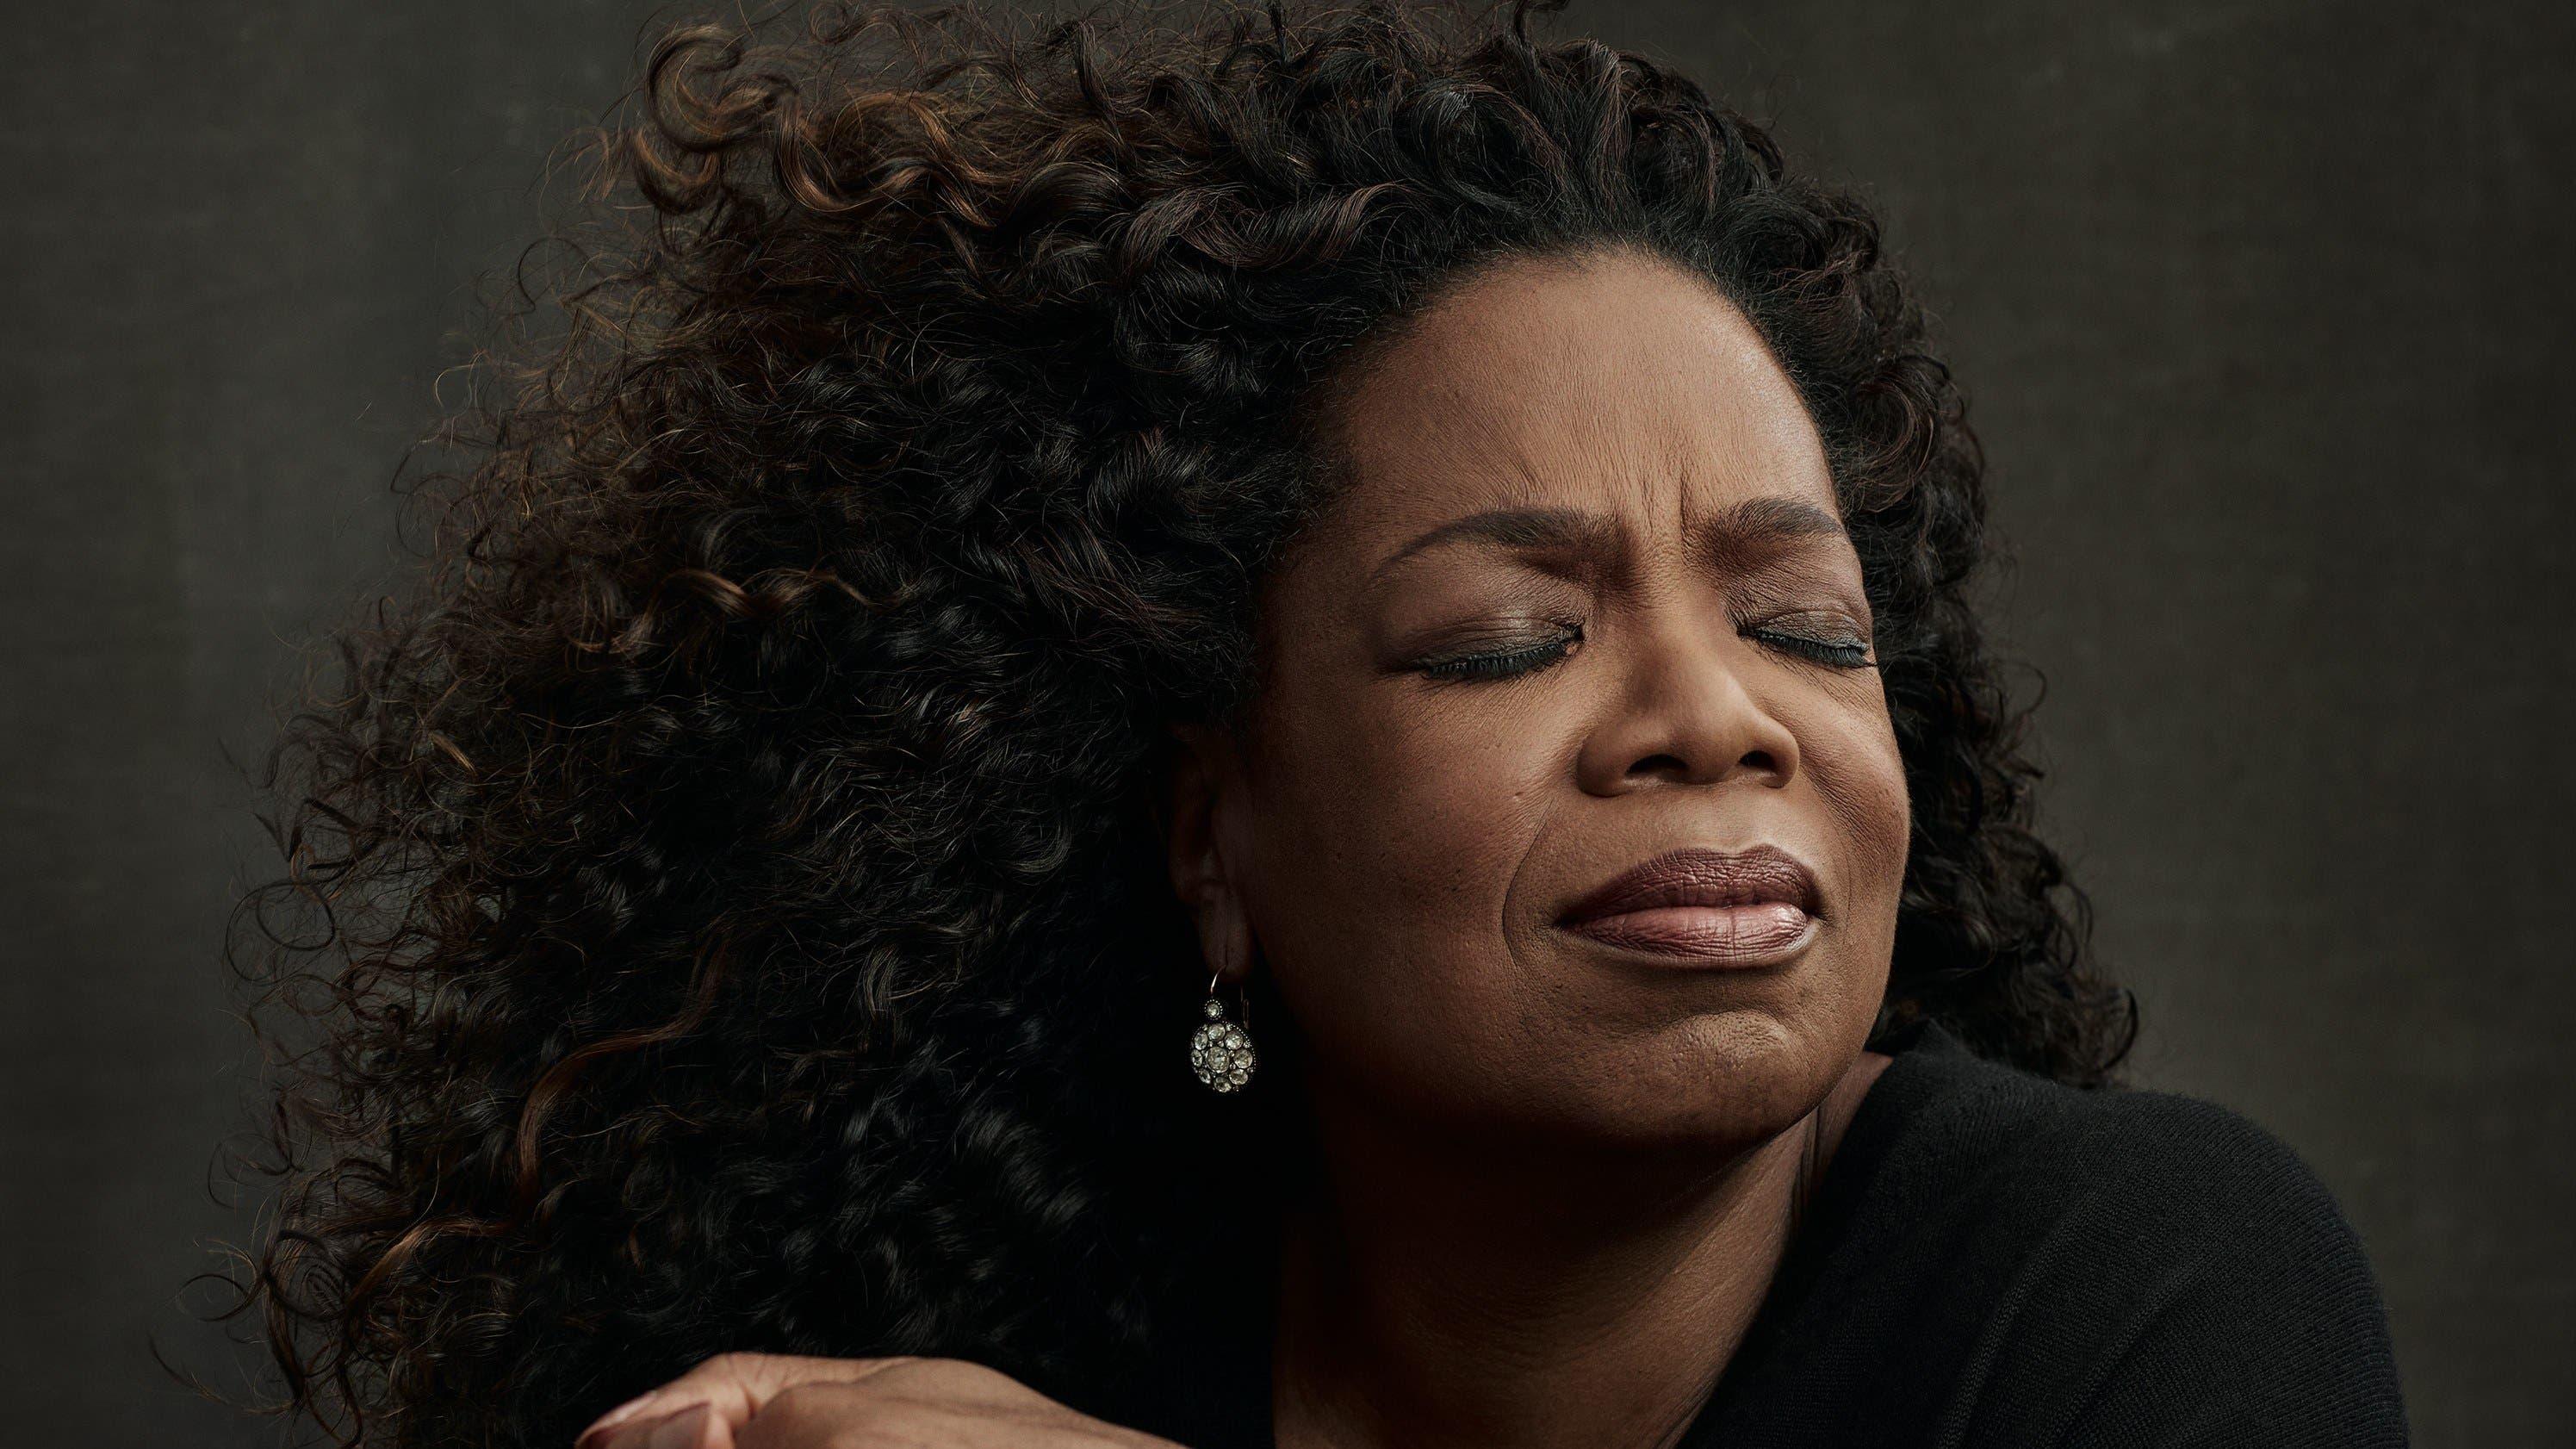 Oprah Winfrey sobre presentar candidatura a la presidencia de EEUU: No tengo el ADN para eso